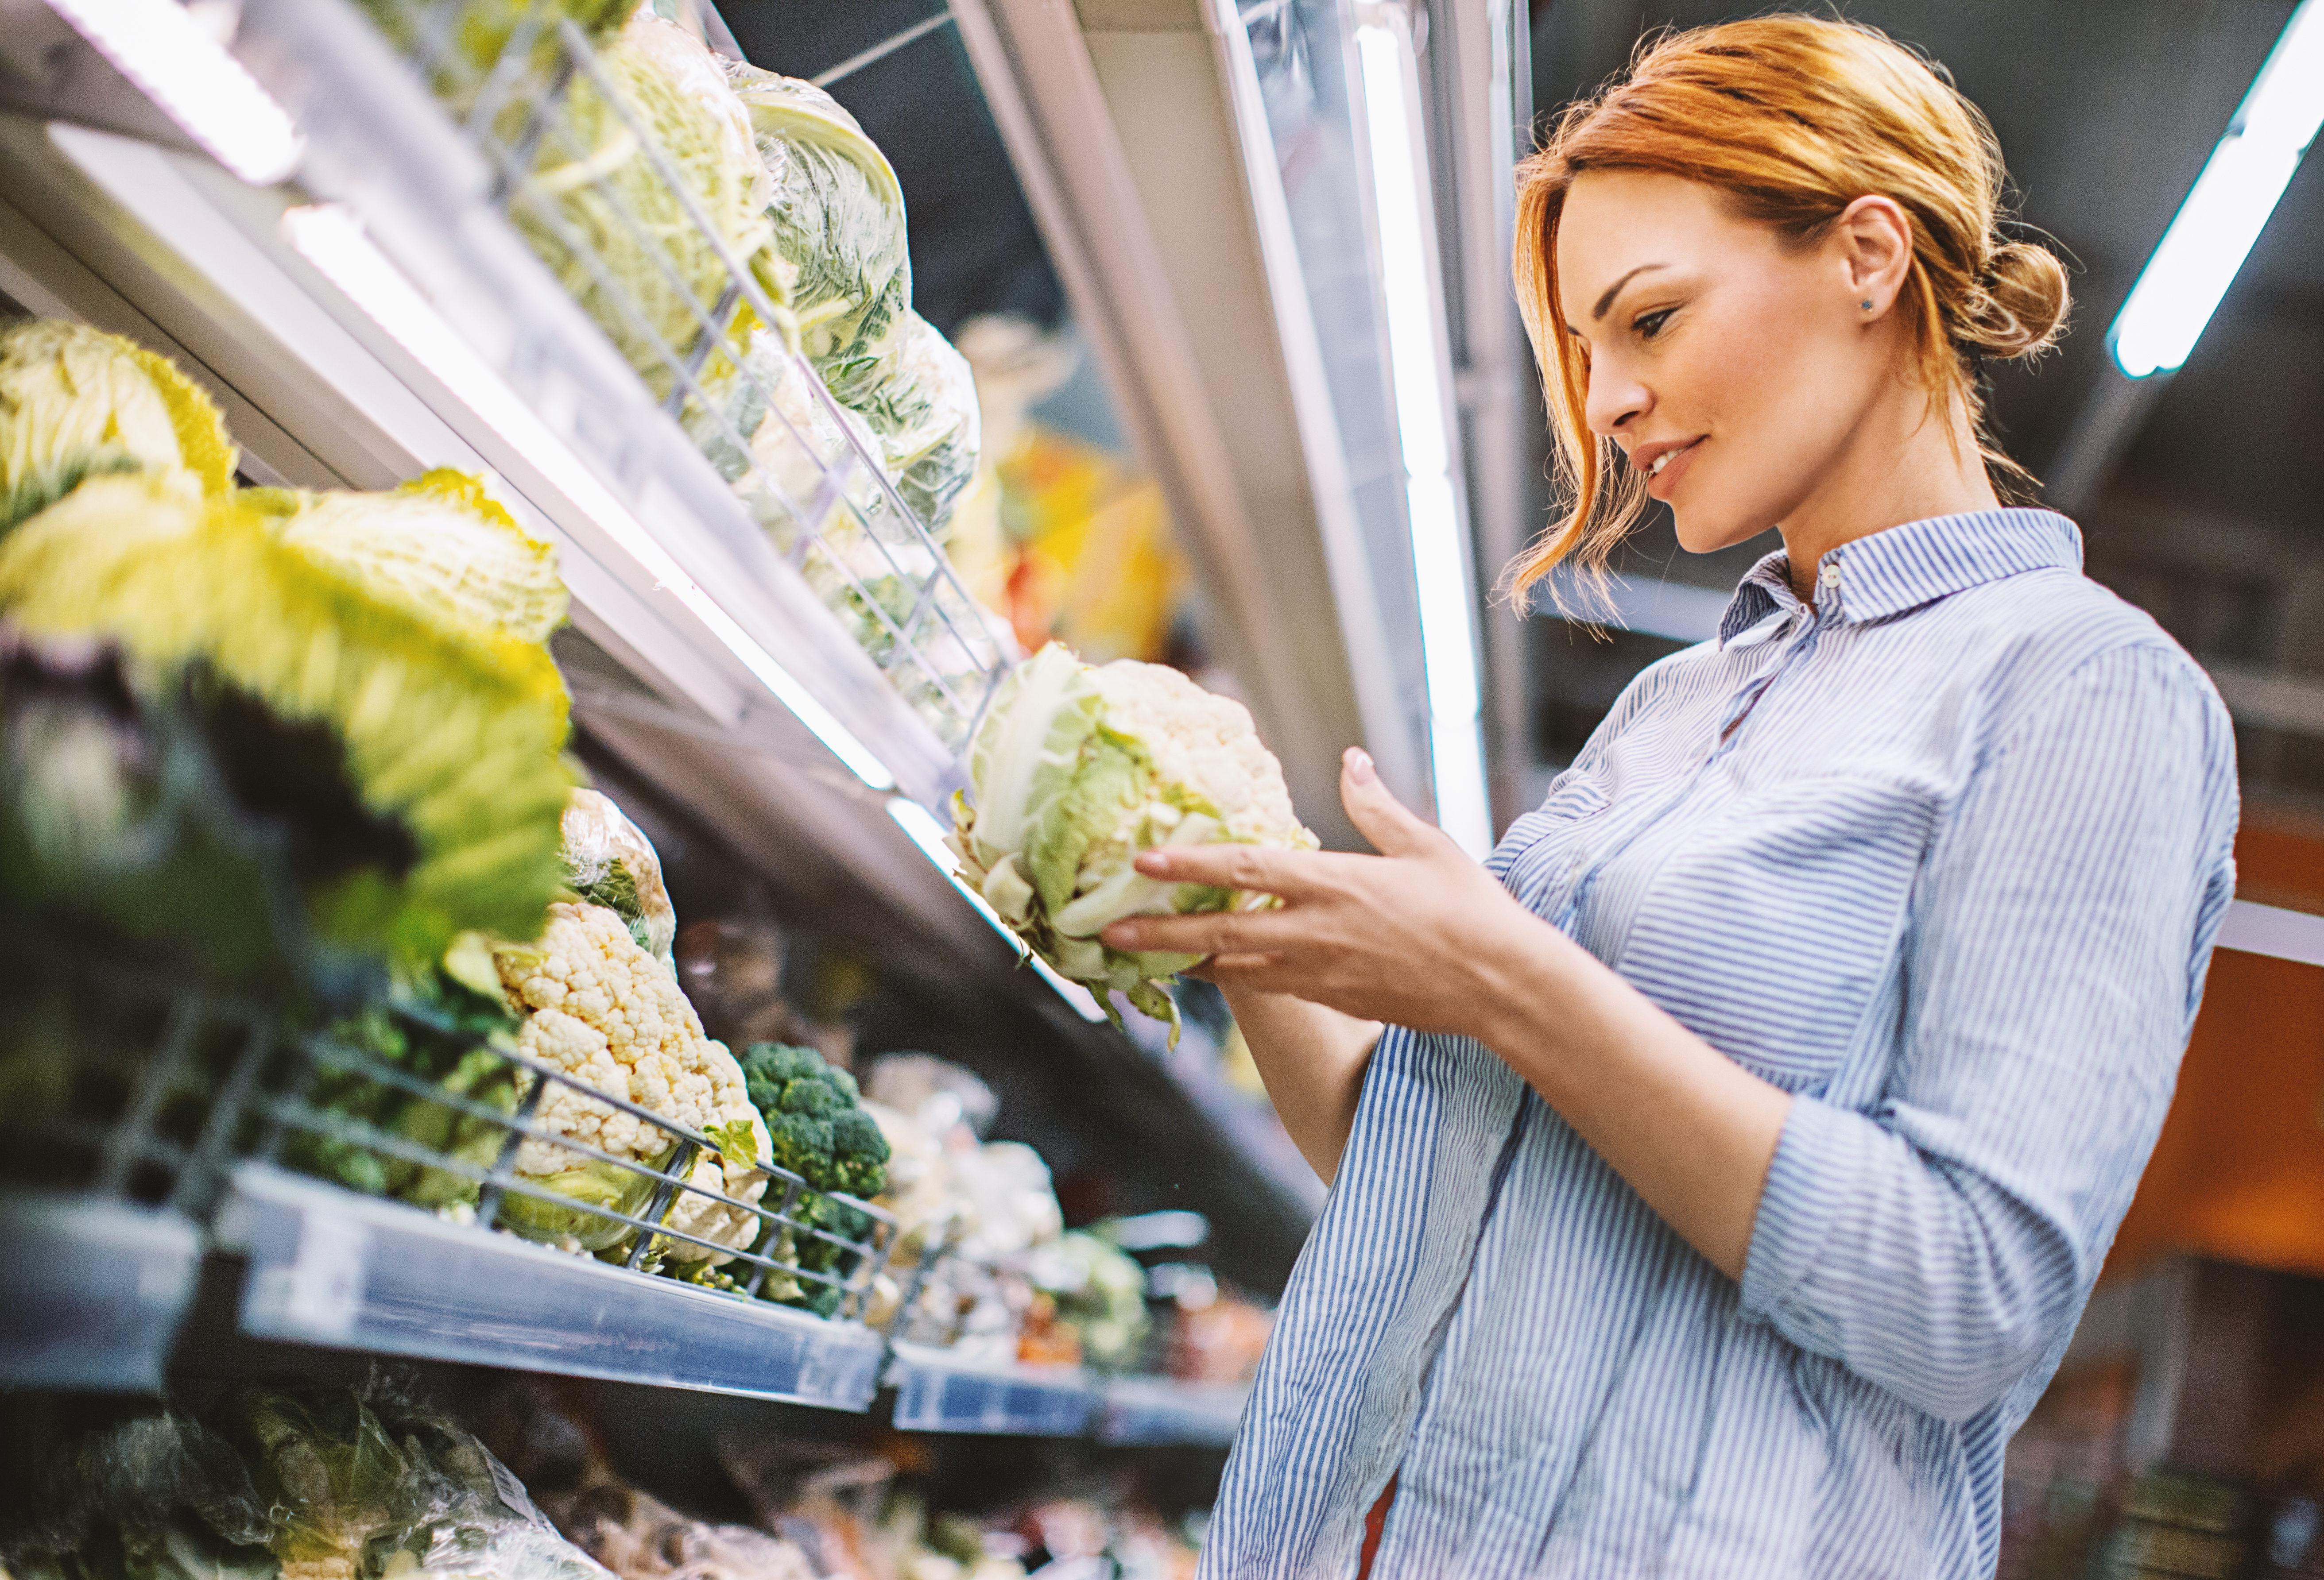 Где покупать здоровые продукты